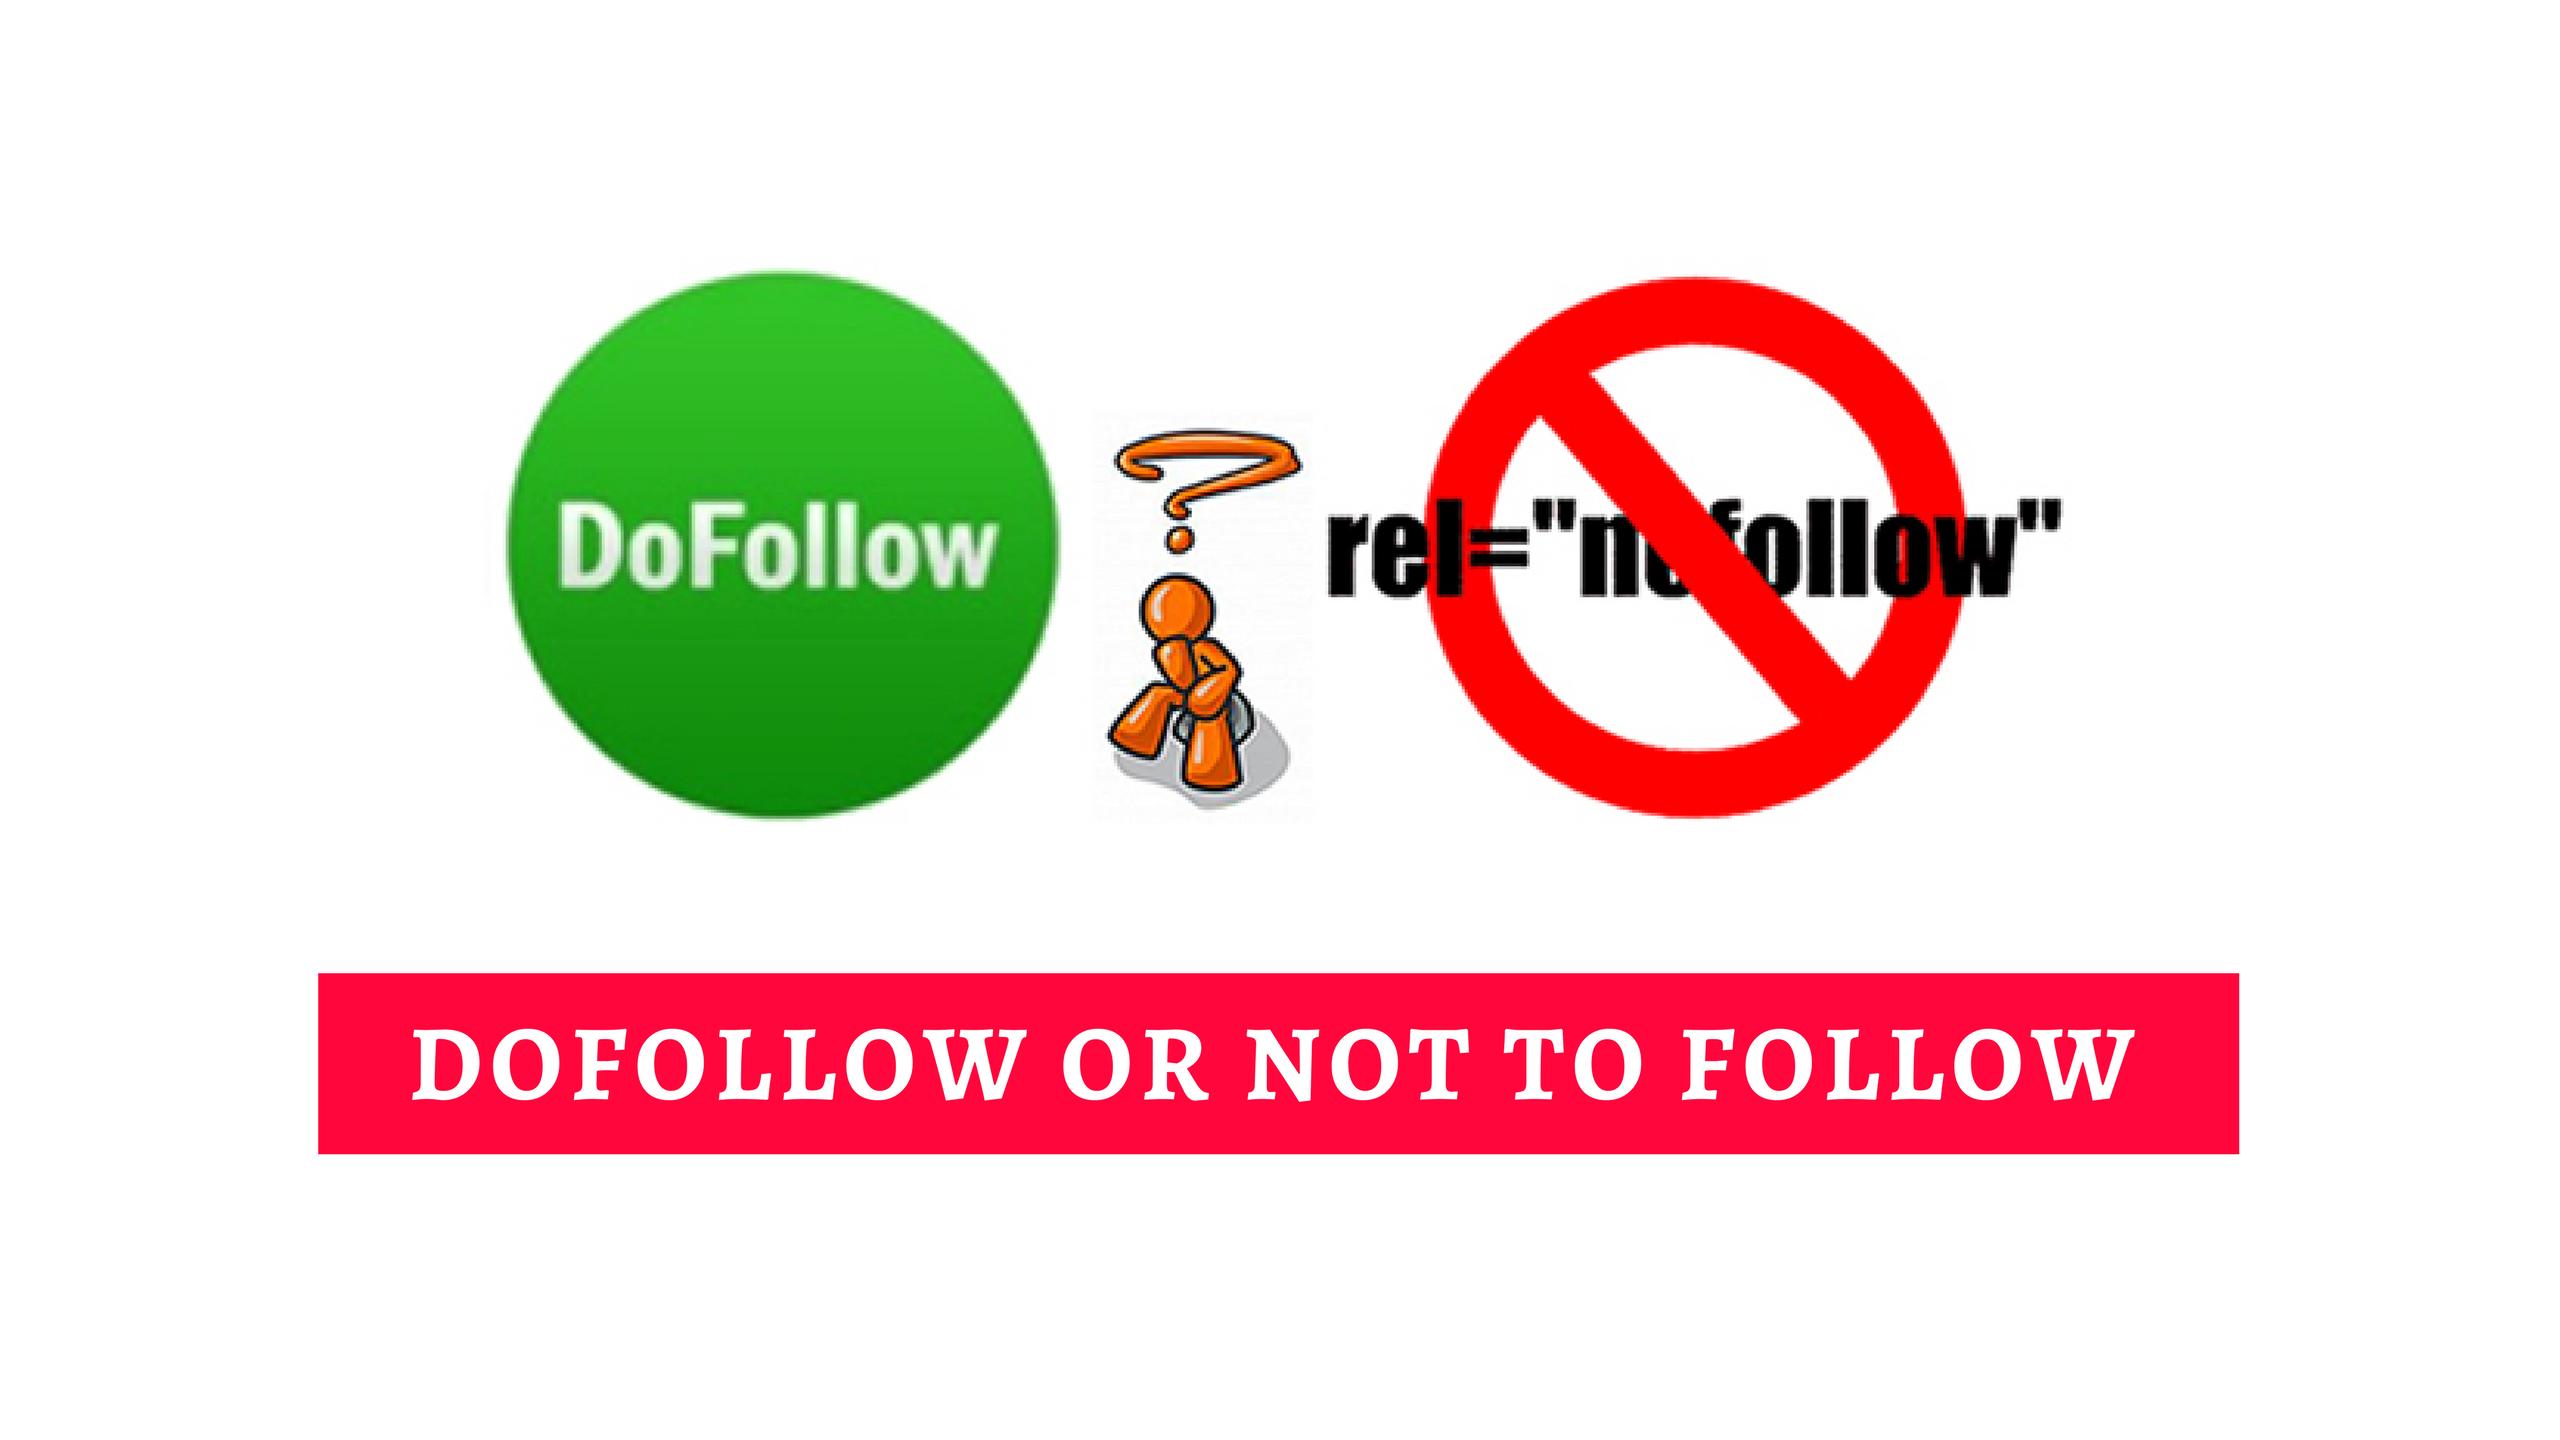 Κατασκευή ιστοσελίδων με συνδέσμους nofollow